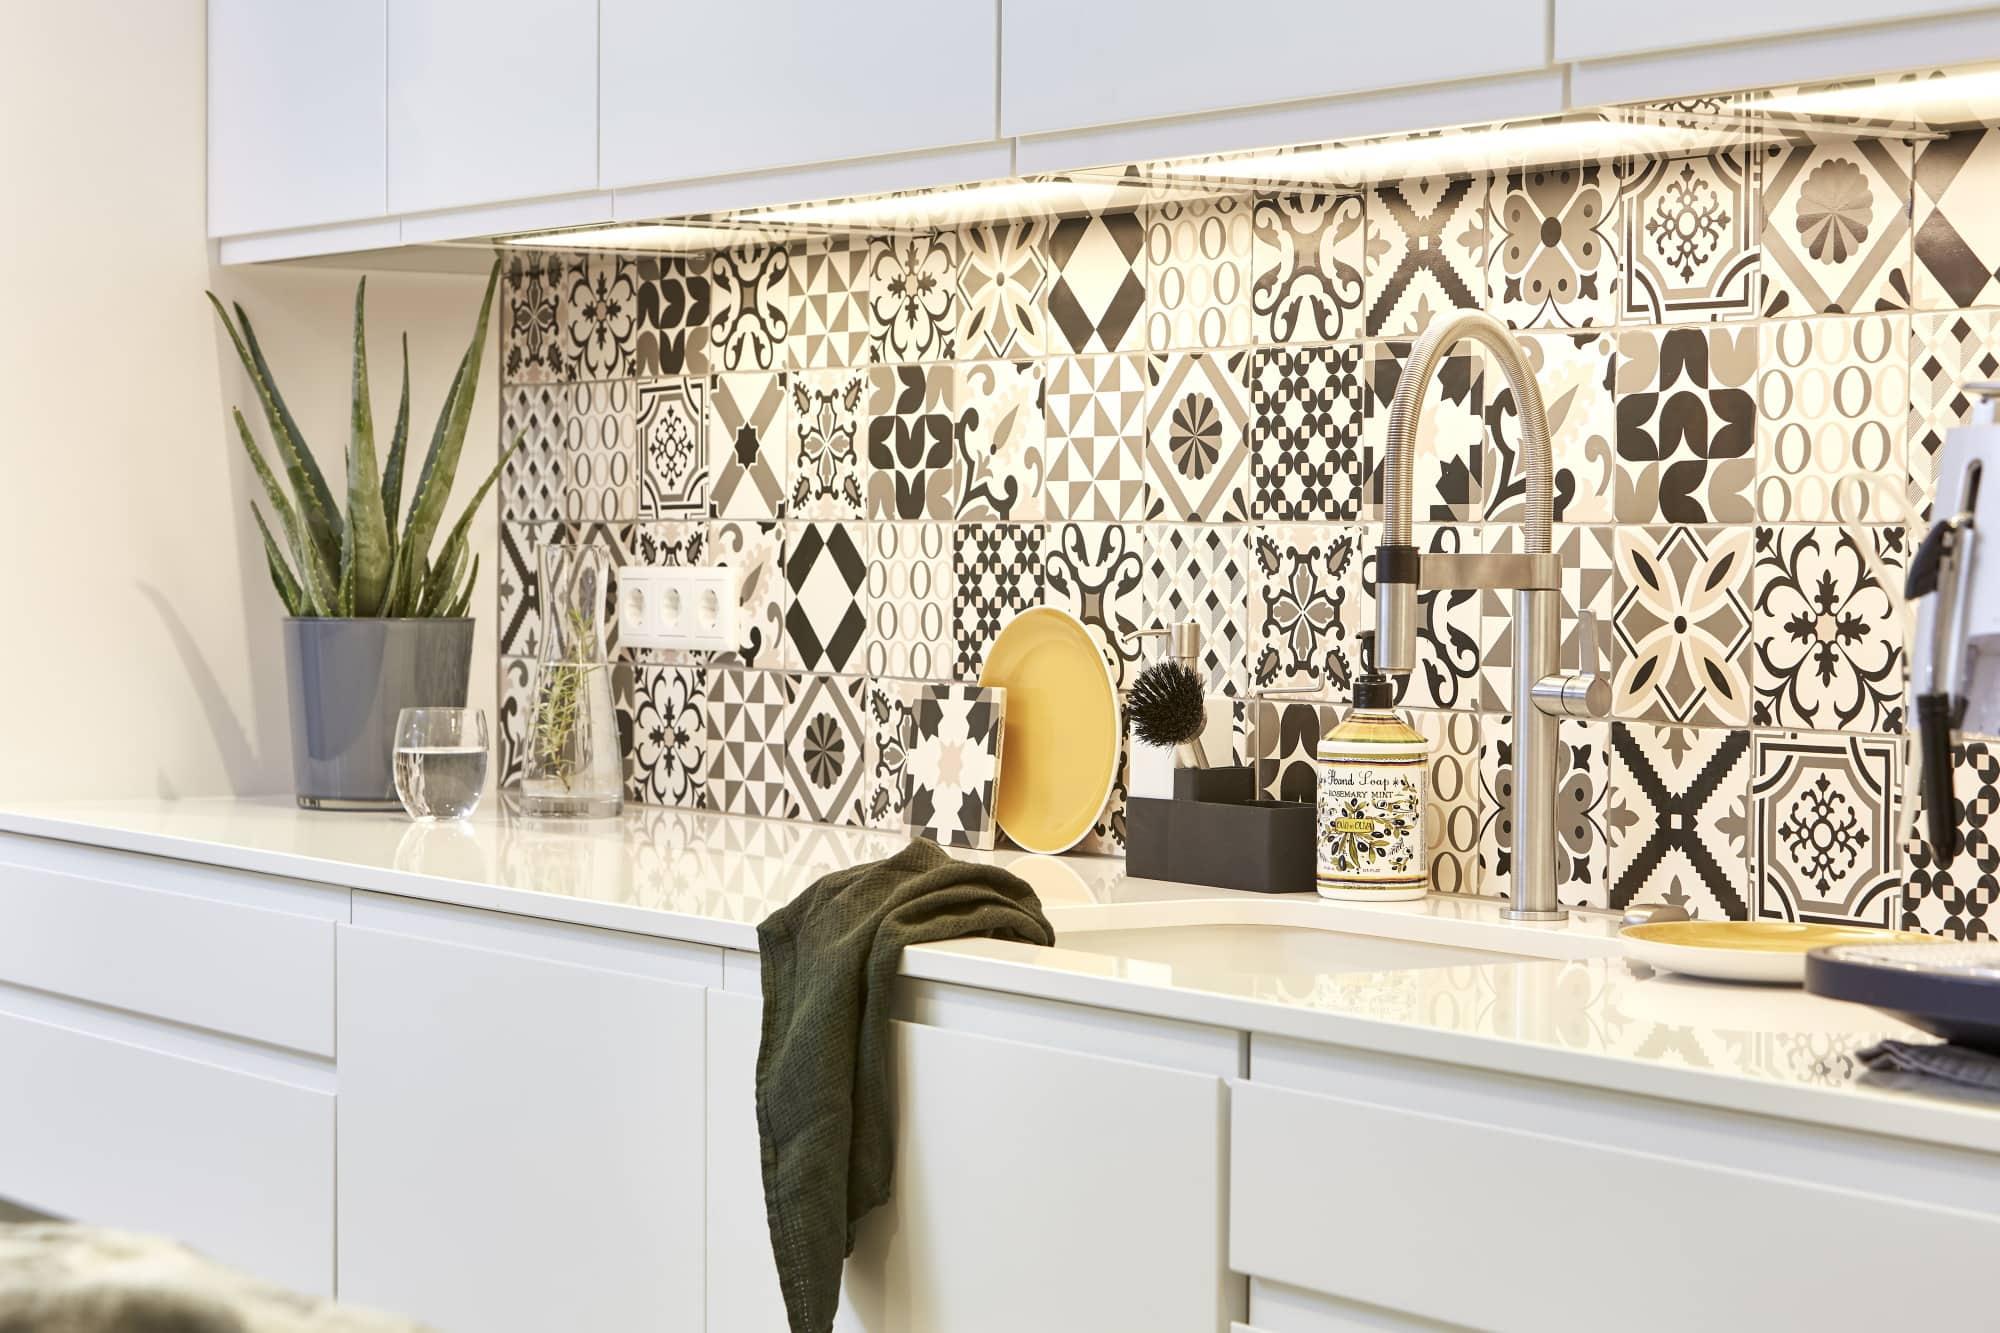 Küche mit Fliesen Muster in schwarz weiß - Ideen Inneneinrichtung Haus Design Baufritz STADTHAUS EHRMANN - HausbauDirekt.de